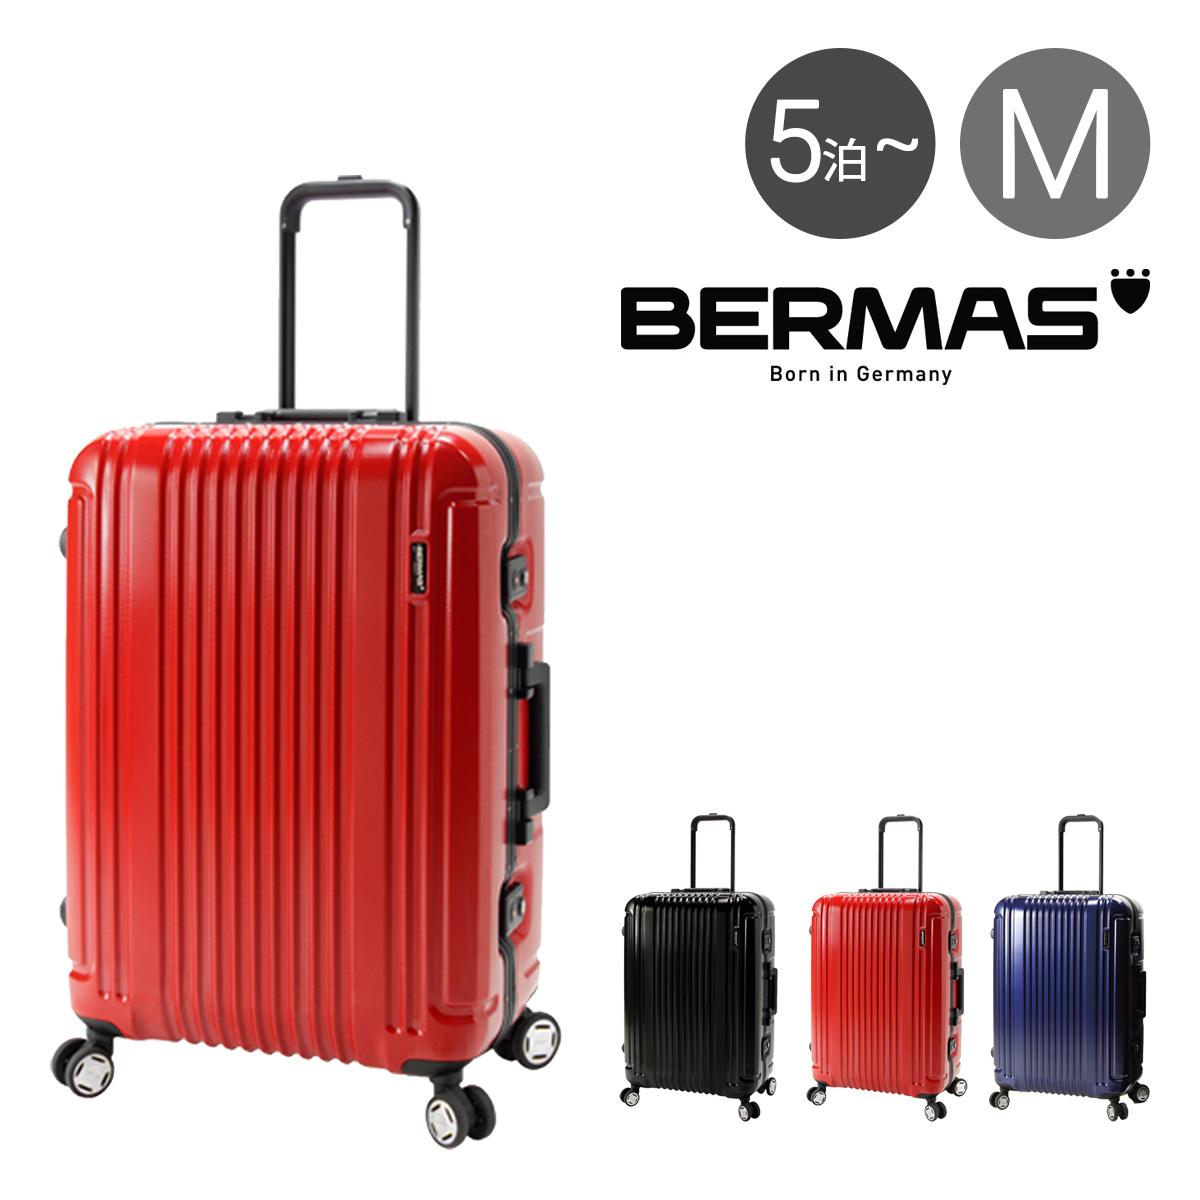 バーマス スーツケース 66L 62cm 4.7kg ハード フレーム プレステージIII メンズ レディース 60281 BERMAS | キャリーケース TSAロック搭載 HINOMOTO